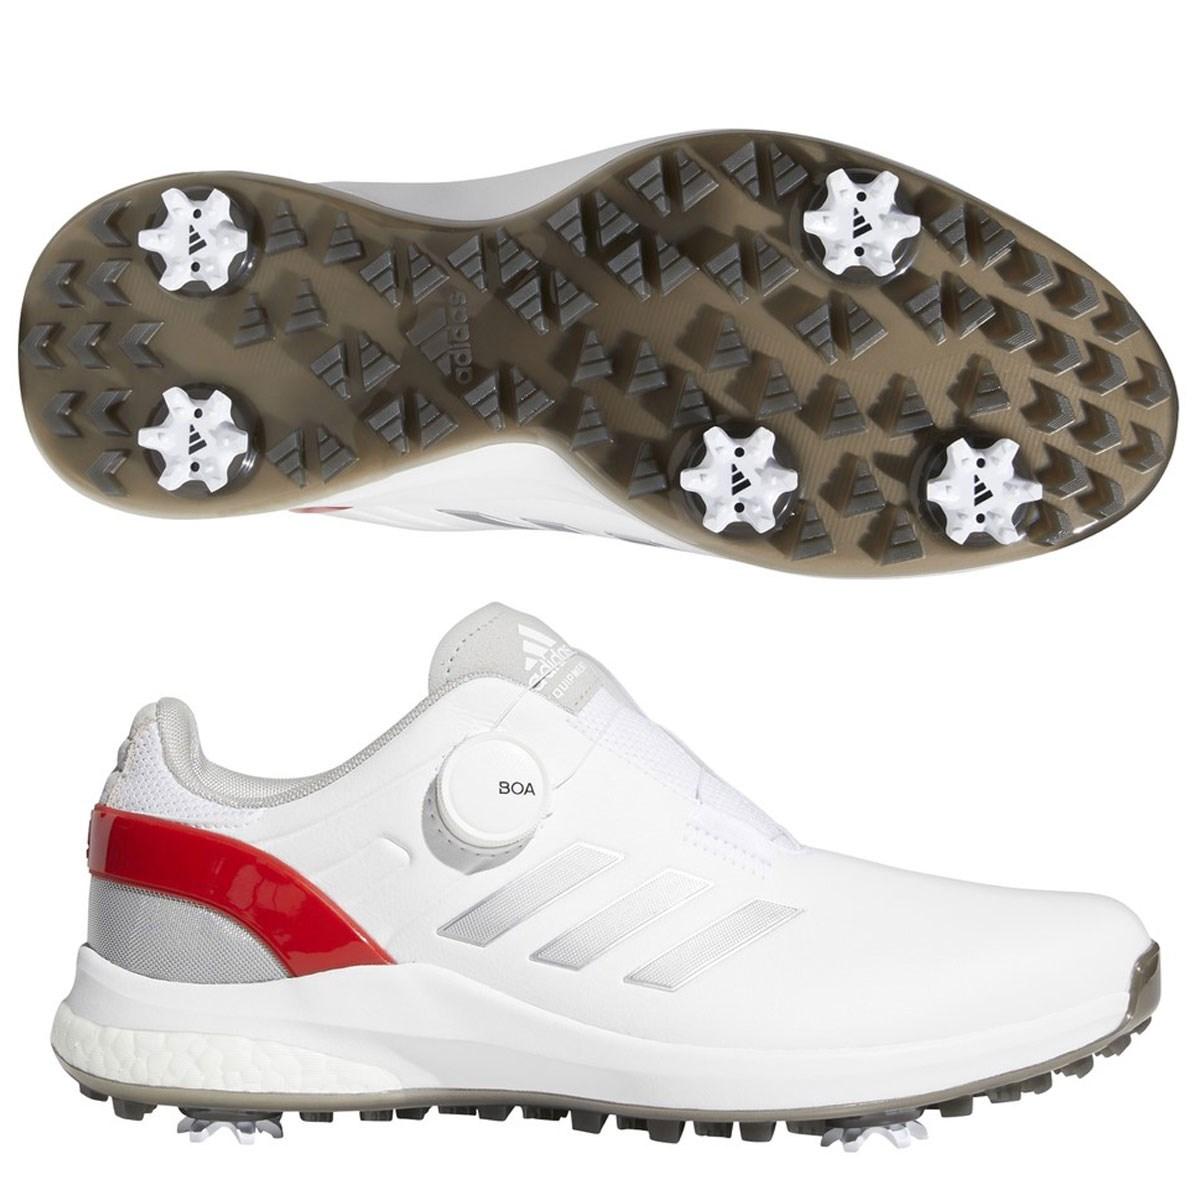 アディダス Adidas EQTボアシューズ 24.5cm フットウェアホワイト/シルバーメタリック/スカーレット